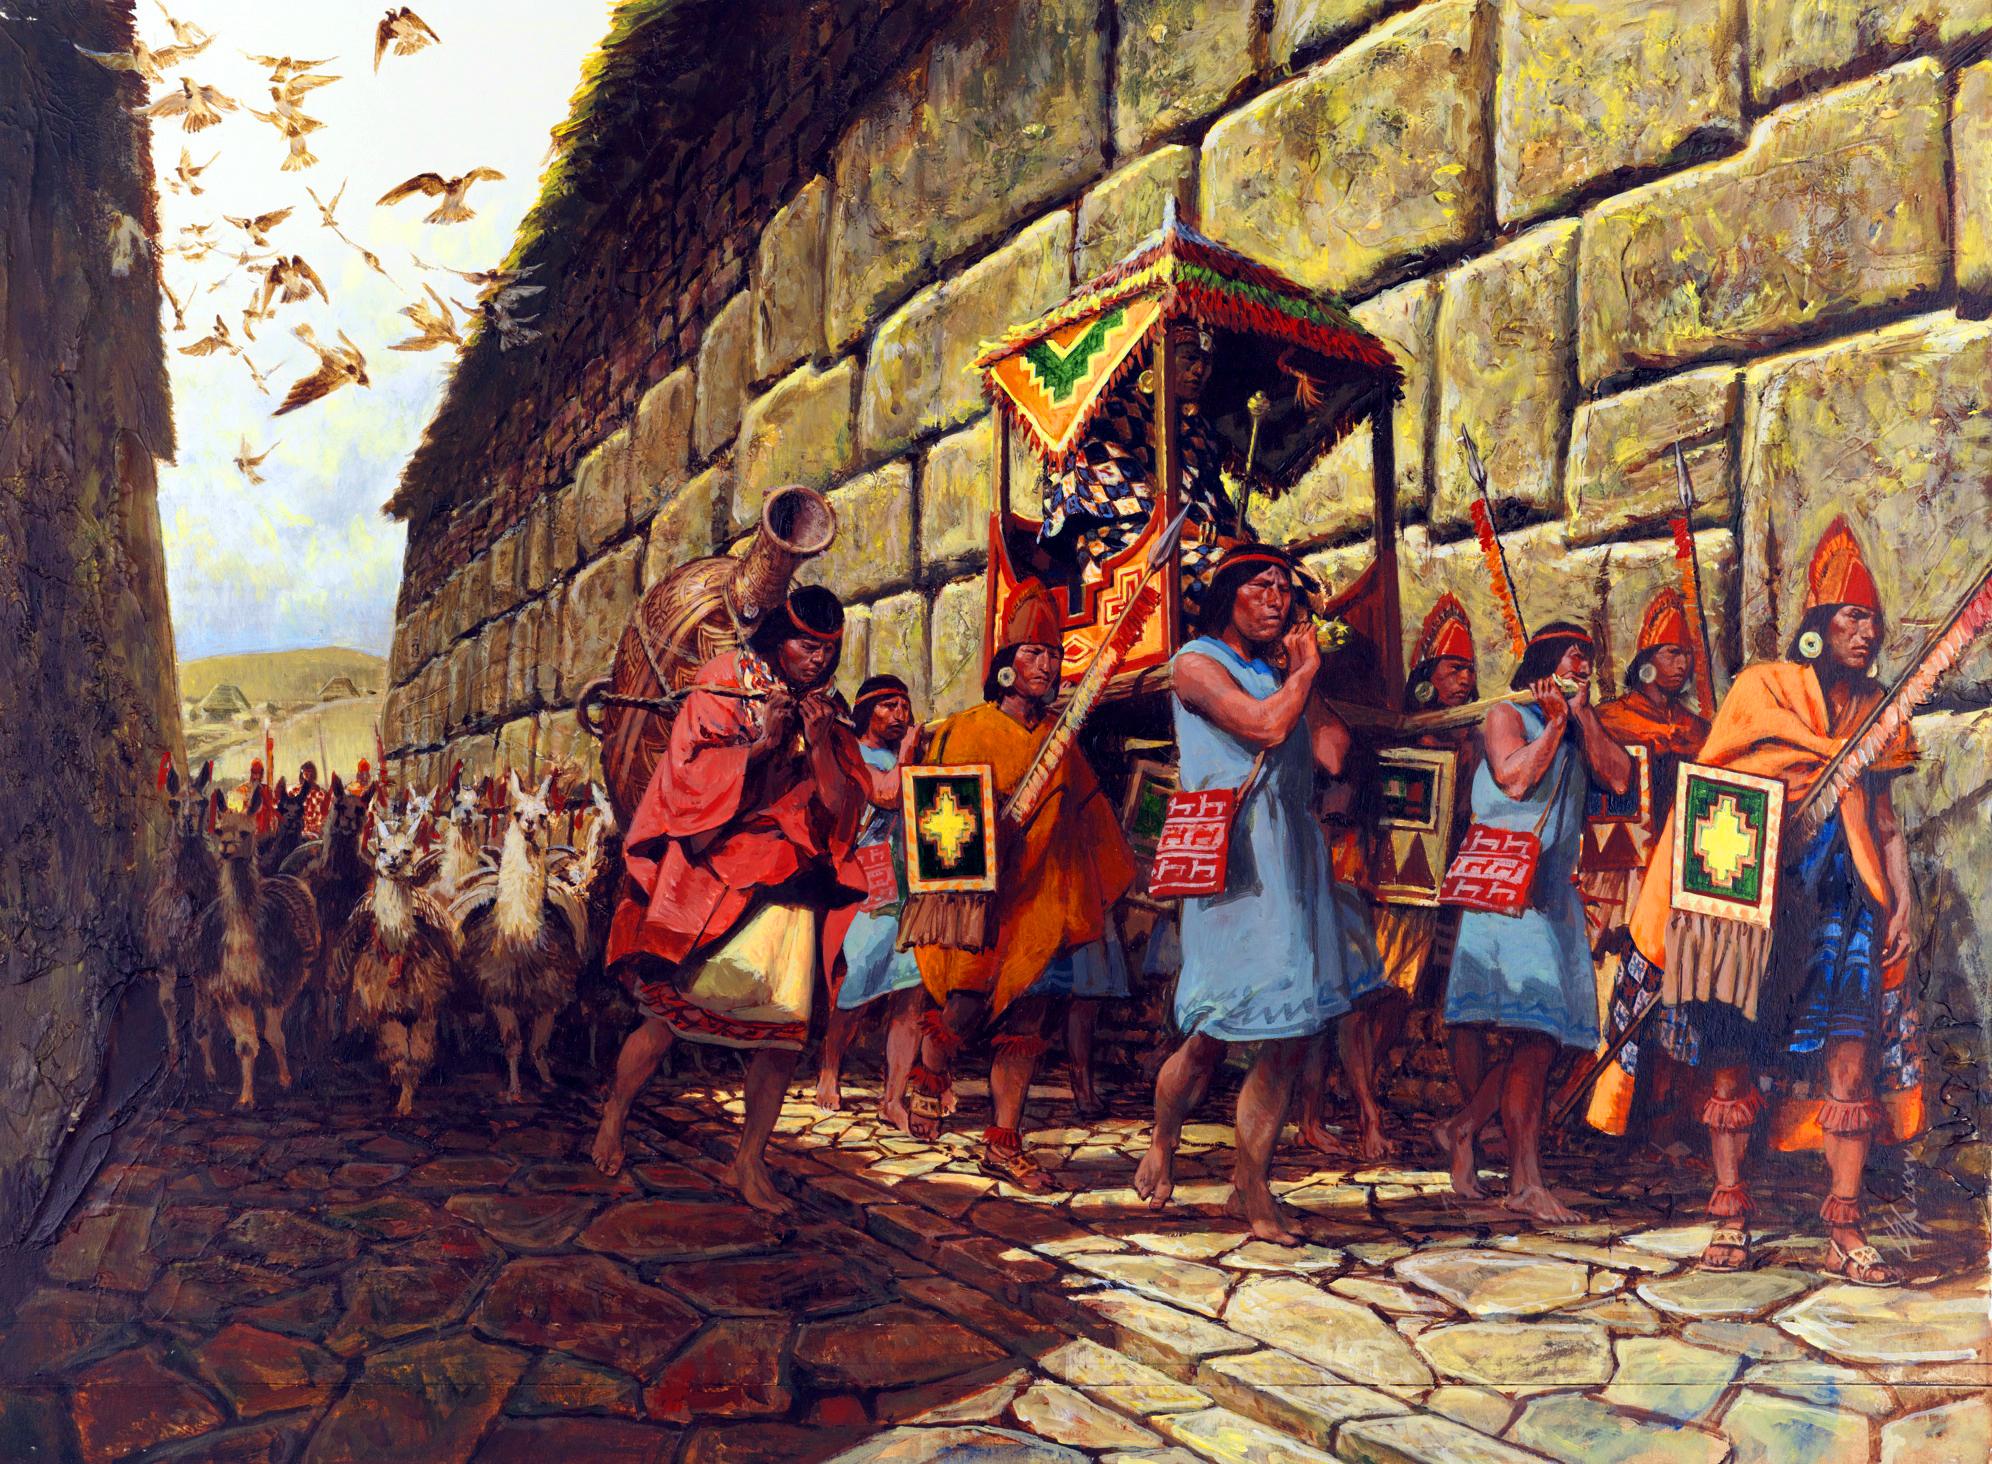 MUNICIPALIDAD PROVINCIAL DE CUSCO FORTALECE LA IDENTIDAD CULTURAL EN LAS I.E. CON EL PROYECTO HISTORIA DEL CUSCO.